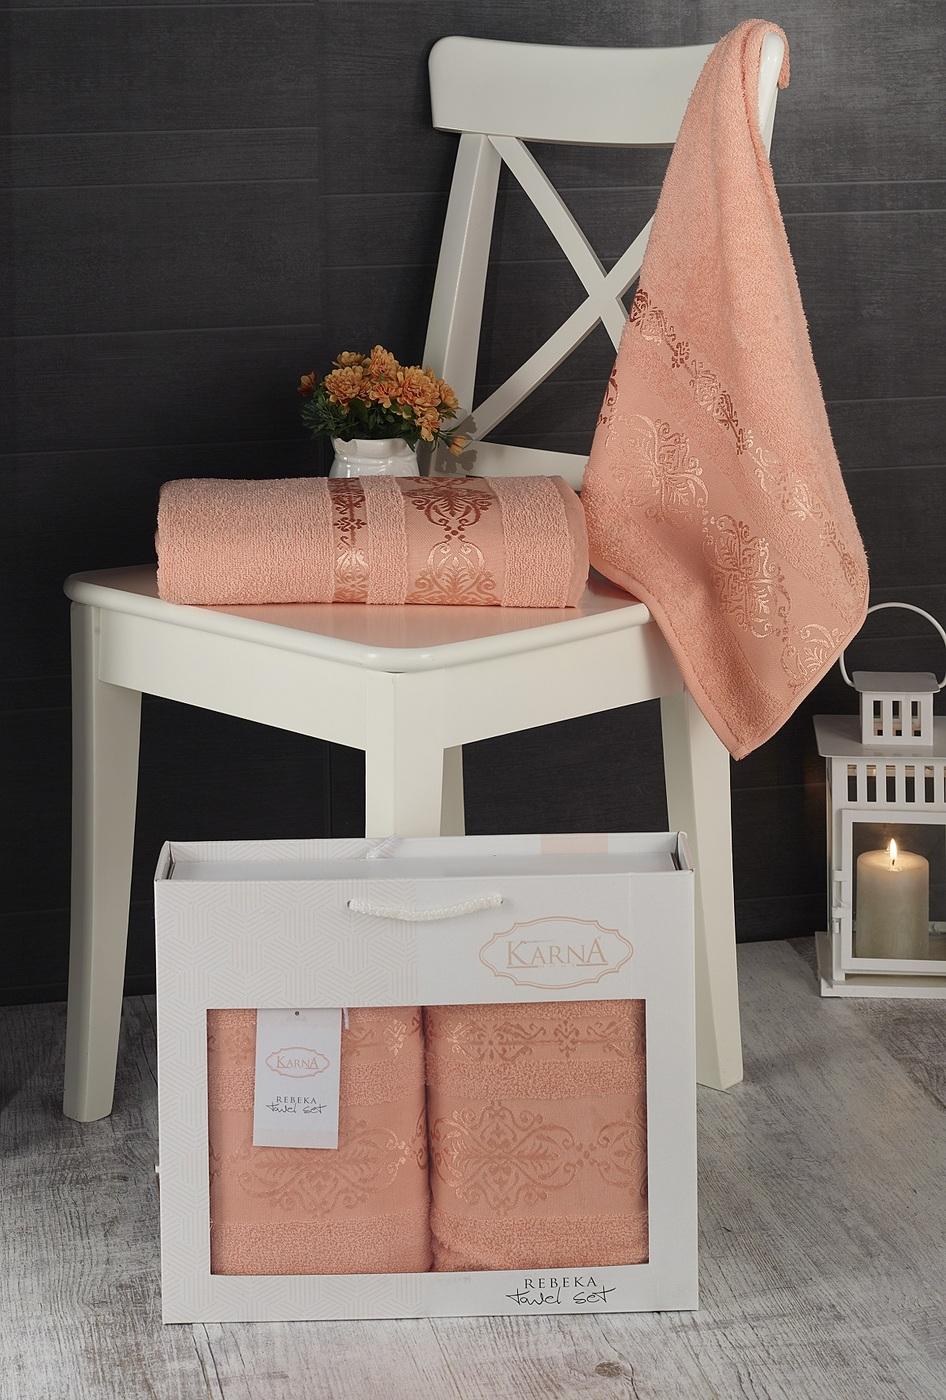 Набор банных полотенец Karna Rebeka Хлопок, 70x140 см, абрикосовый